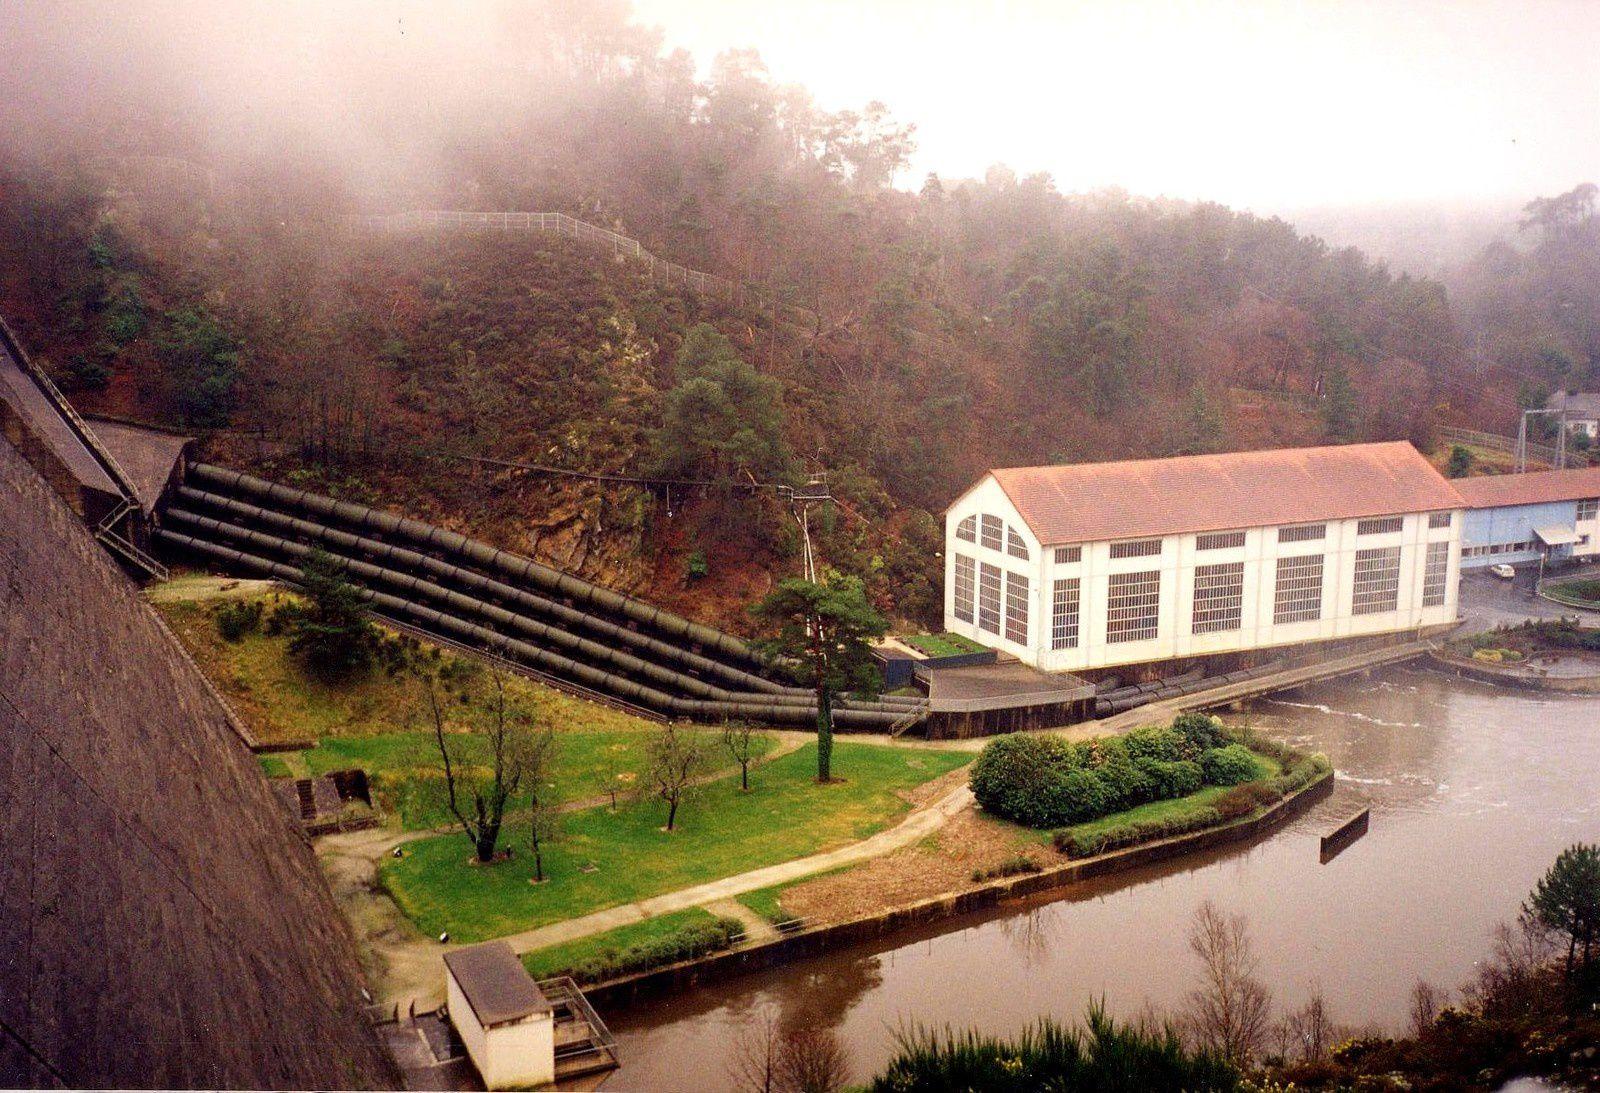 On voit bien sur cette photo les 4 conduites qui alimentent la centrale à partir du lac.